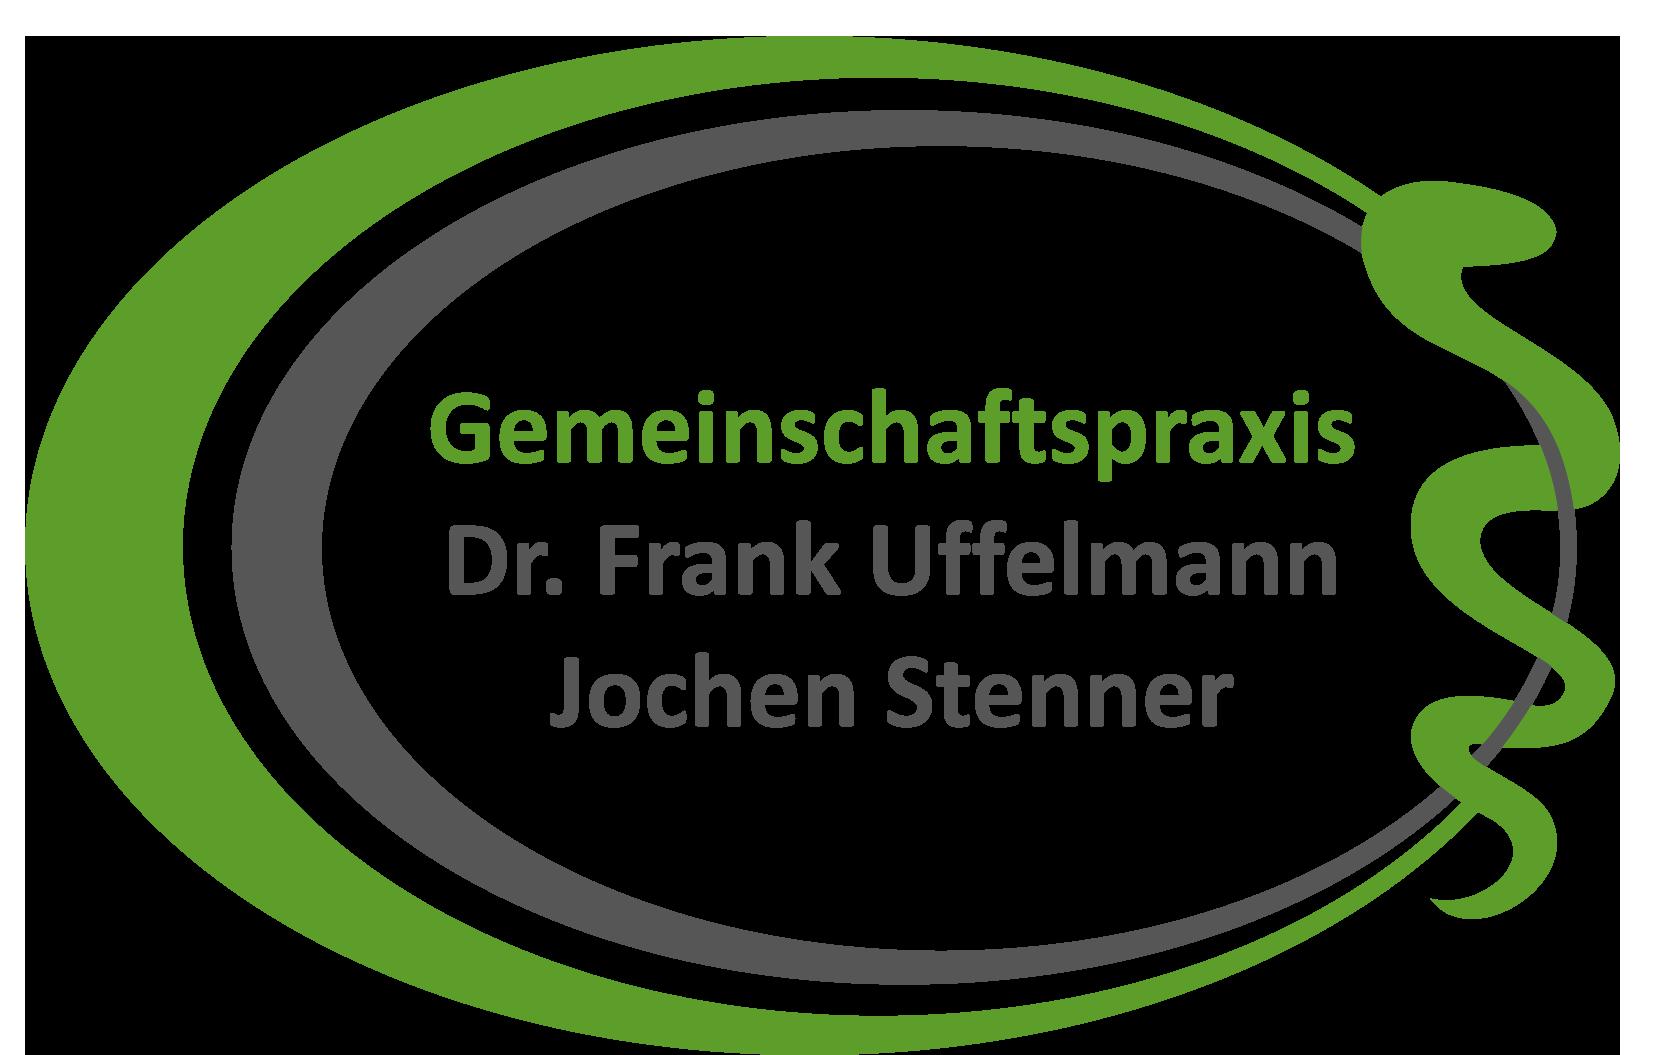 Gemeinschaftspraxis Dr. Uffelmann Stenner